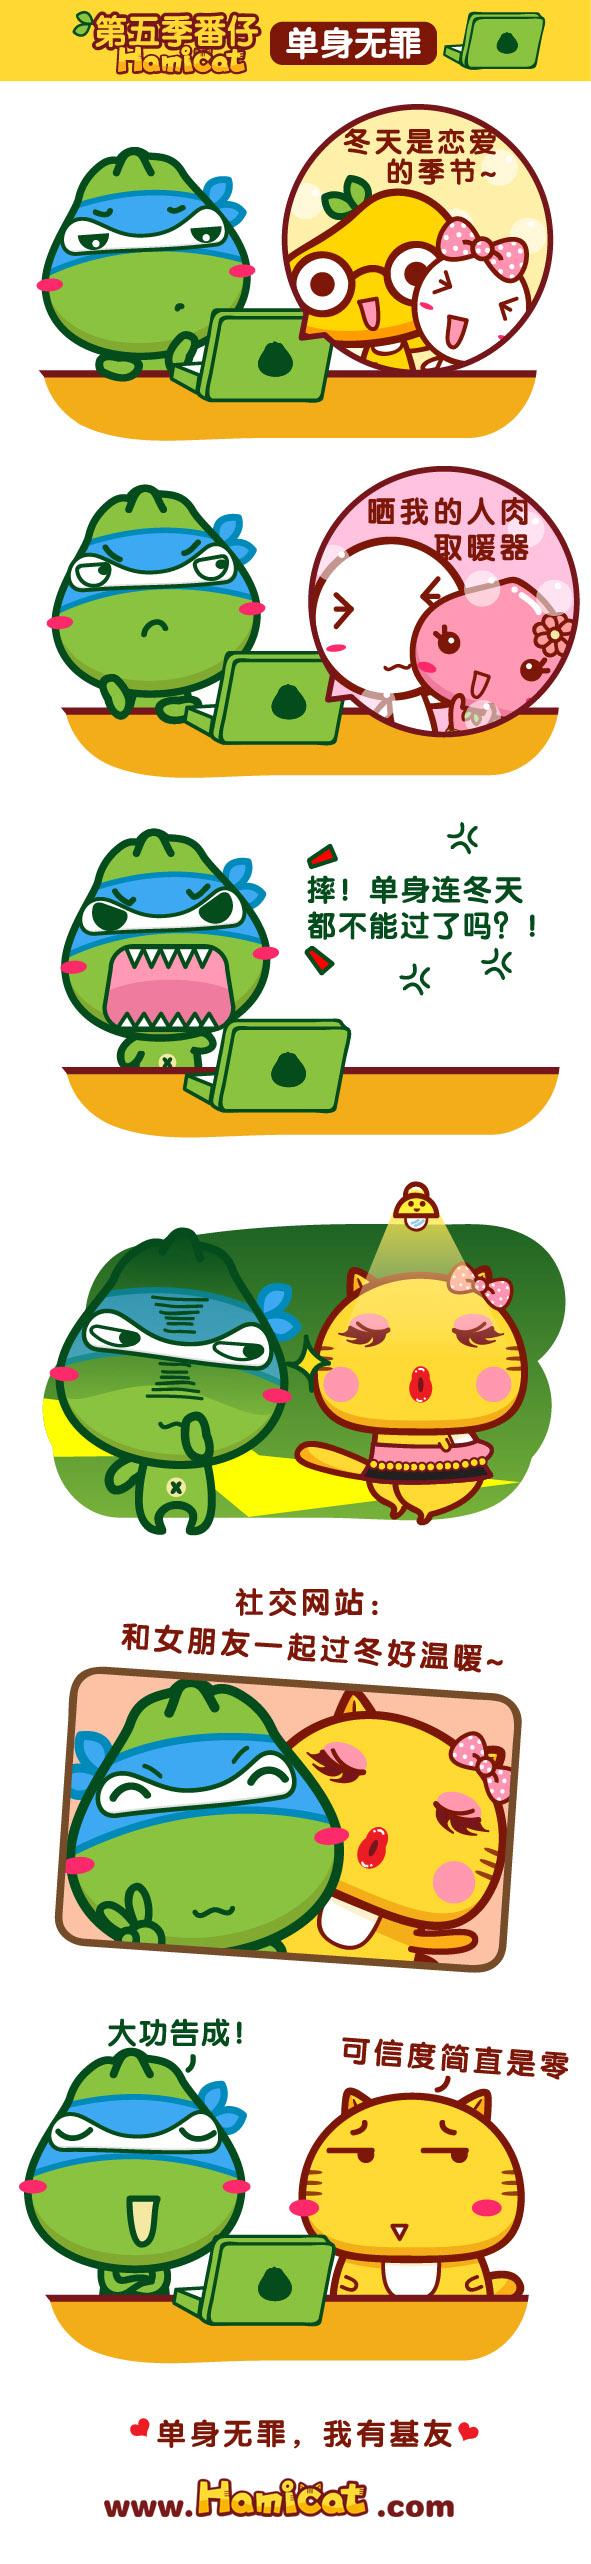 健力宝x哈咪猫漫画1月-04.jpg